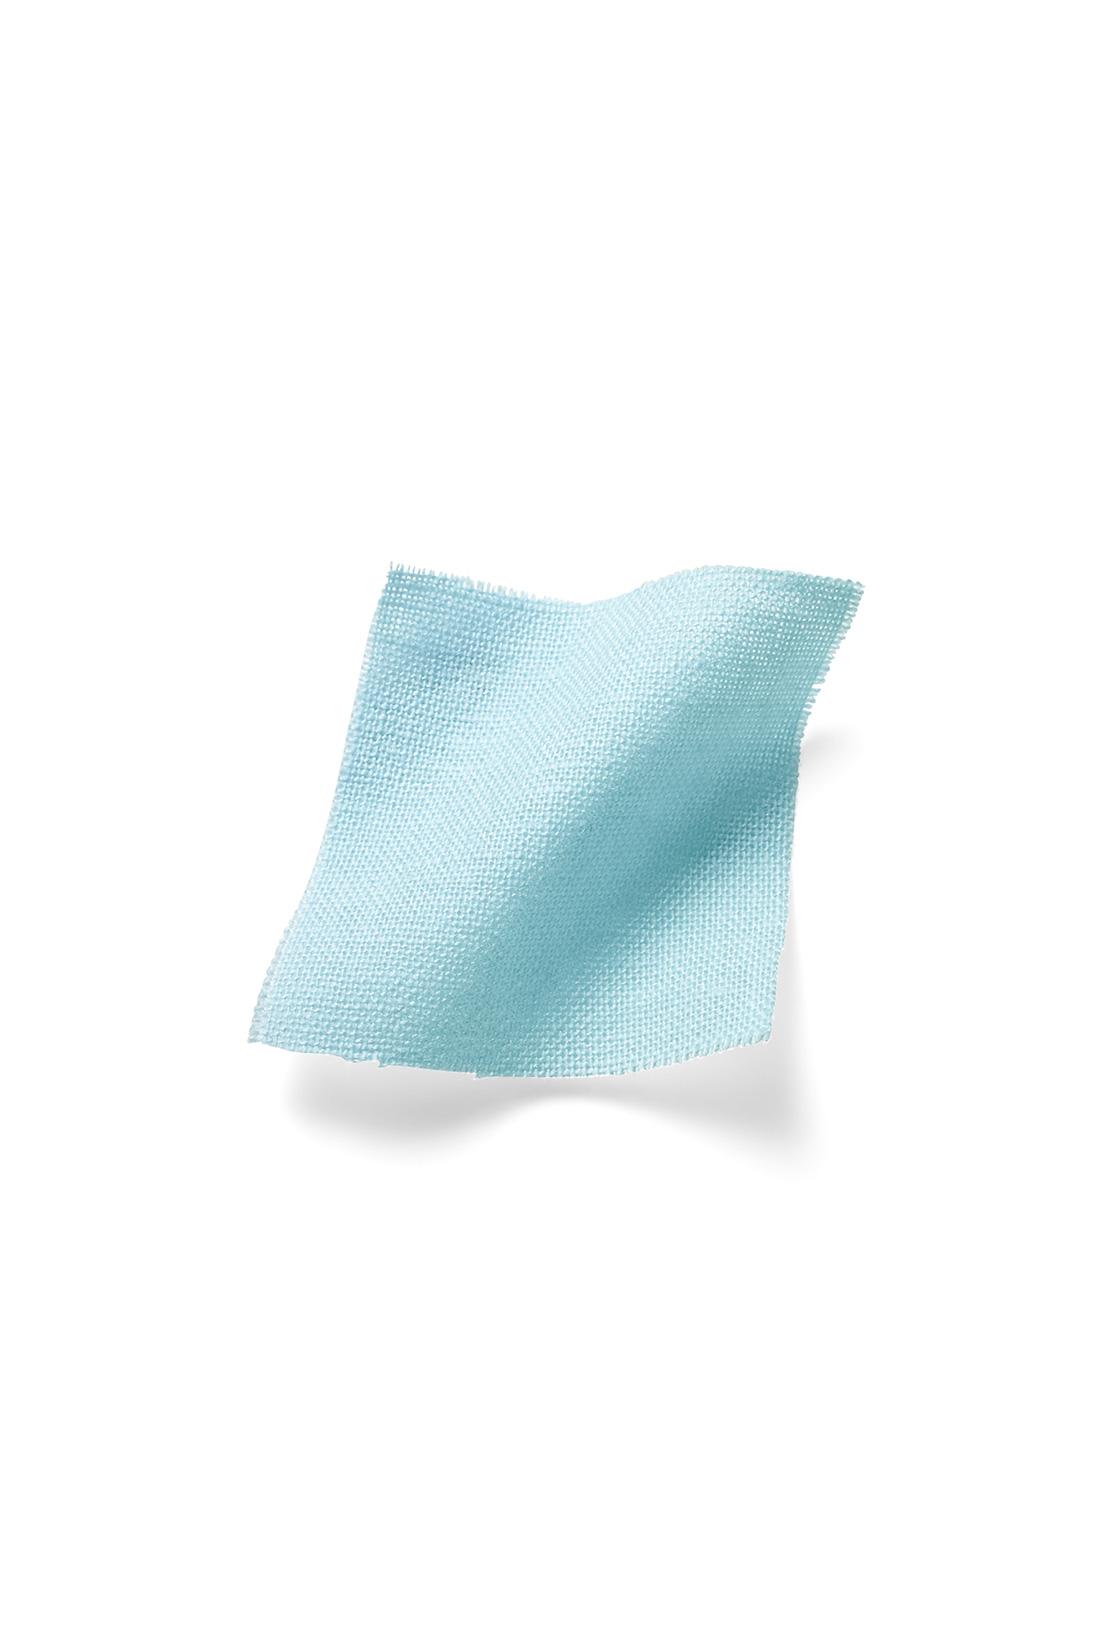 ほどよい厚みのコットンリネン素材に洗いをかけて風合いをアップ。